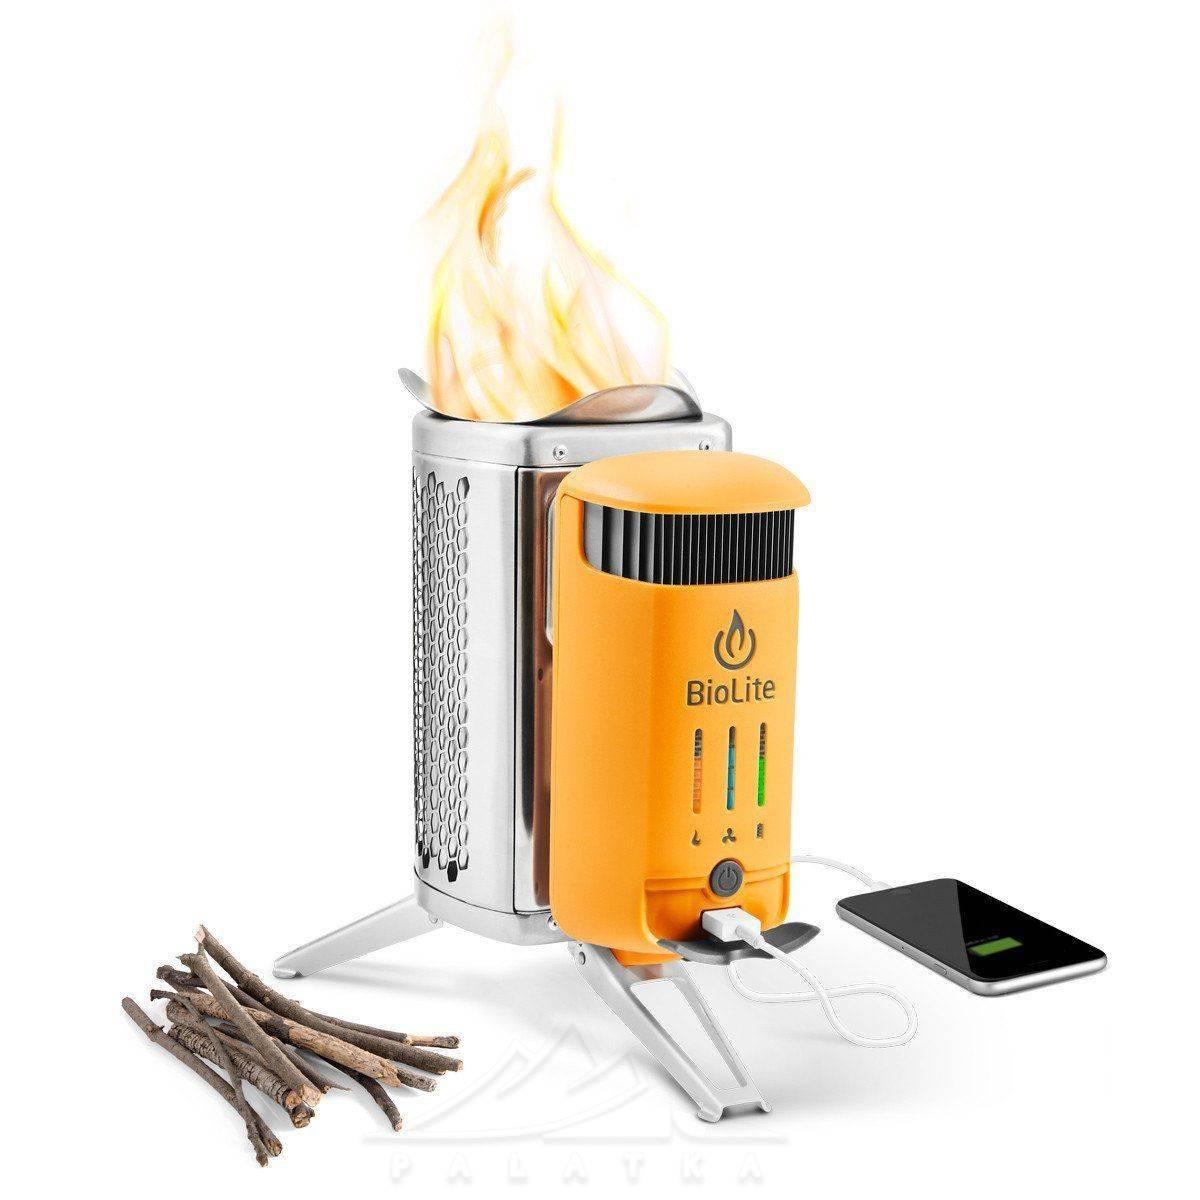 Походная газовая печка: устройство, принцип работы, выбор, цены